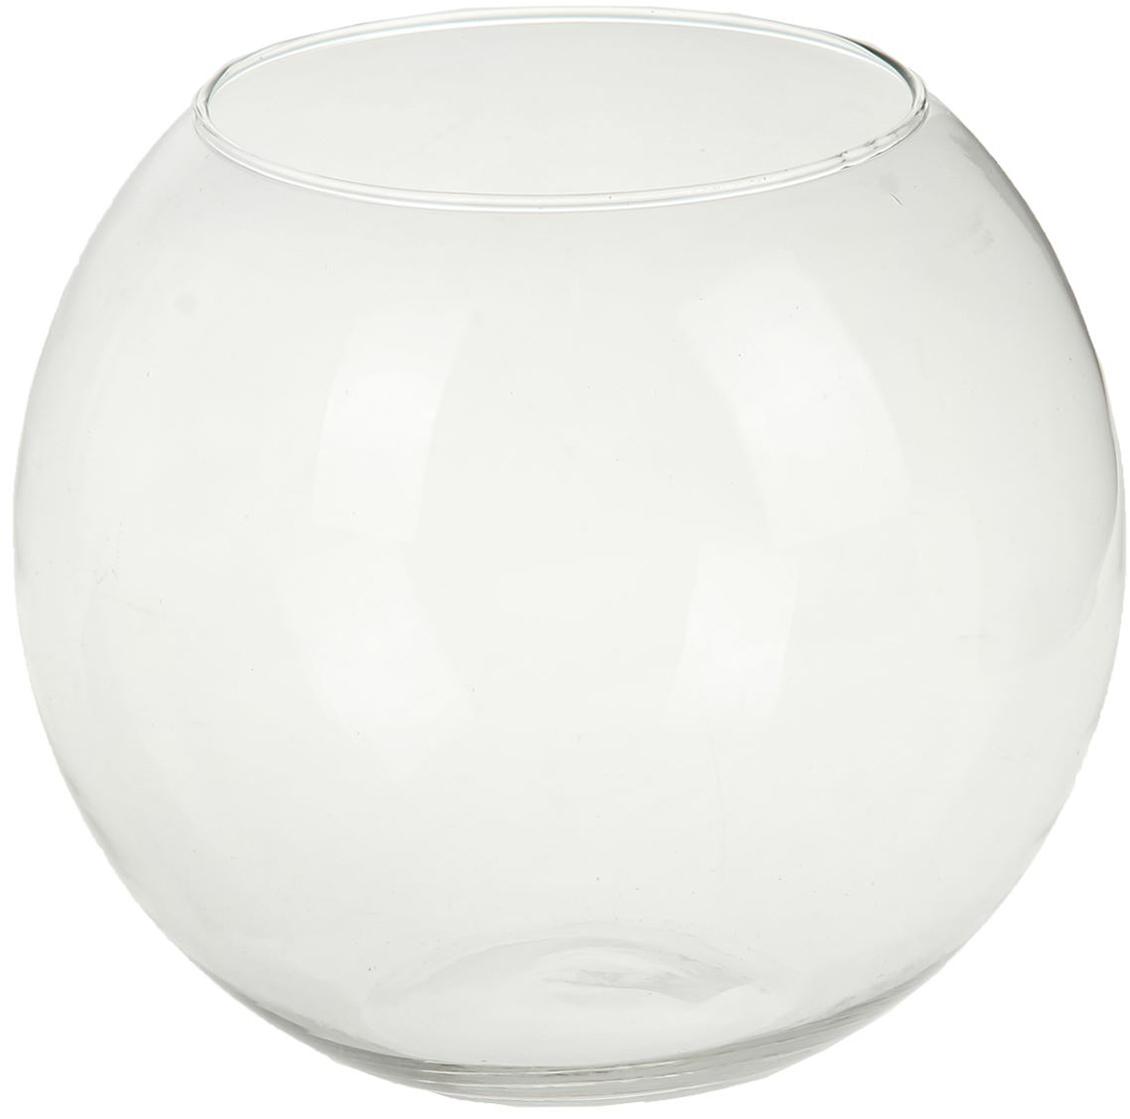 Ваза-шар Evis Сфера, высота 18,8 см1149914Воплотите в жизнь самые смелые дизайнерские идеи по украшению дома! Ваза из прозрачного стекла - основа для вашего творчества. Насыпьте в неё цветной песок, камушки, ракушки или другой декор. Создавайте восхитительные интерьерные композиции из цветов и зелени. Ваза-шар Сфера станет незабываемым подарком, если поместить в неё конфеты или другие сладости. Дайте волю фантазии! Каждая ваза выдувается мастером - вы не найдёте двух совершенно одинаковых. А случайный пузырёк воздуха или застывшая стеклянная капелька на горлышке лишь подчёркивают её уникальность.